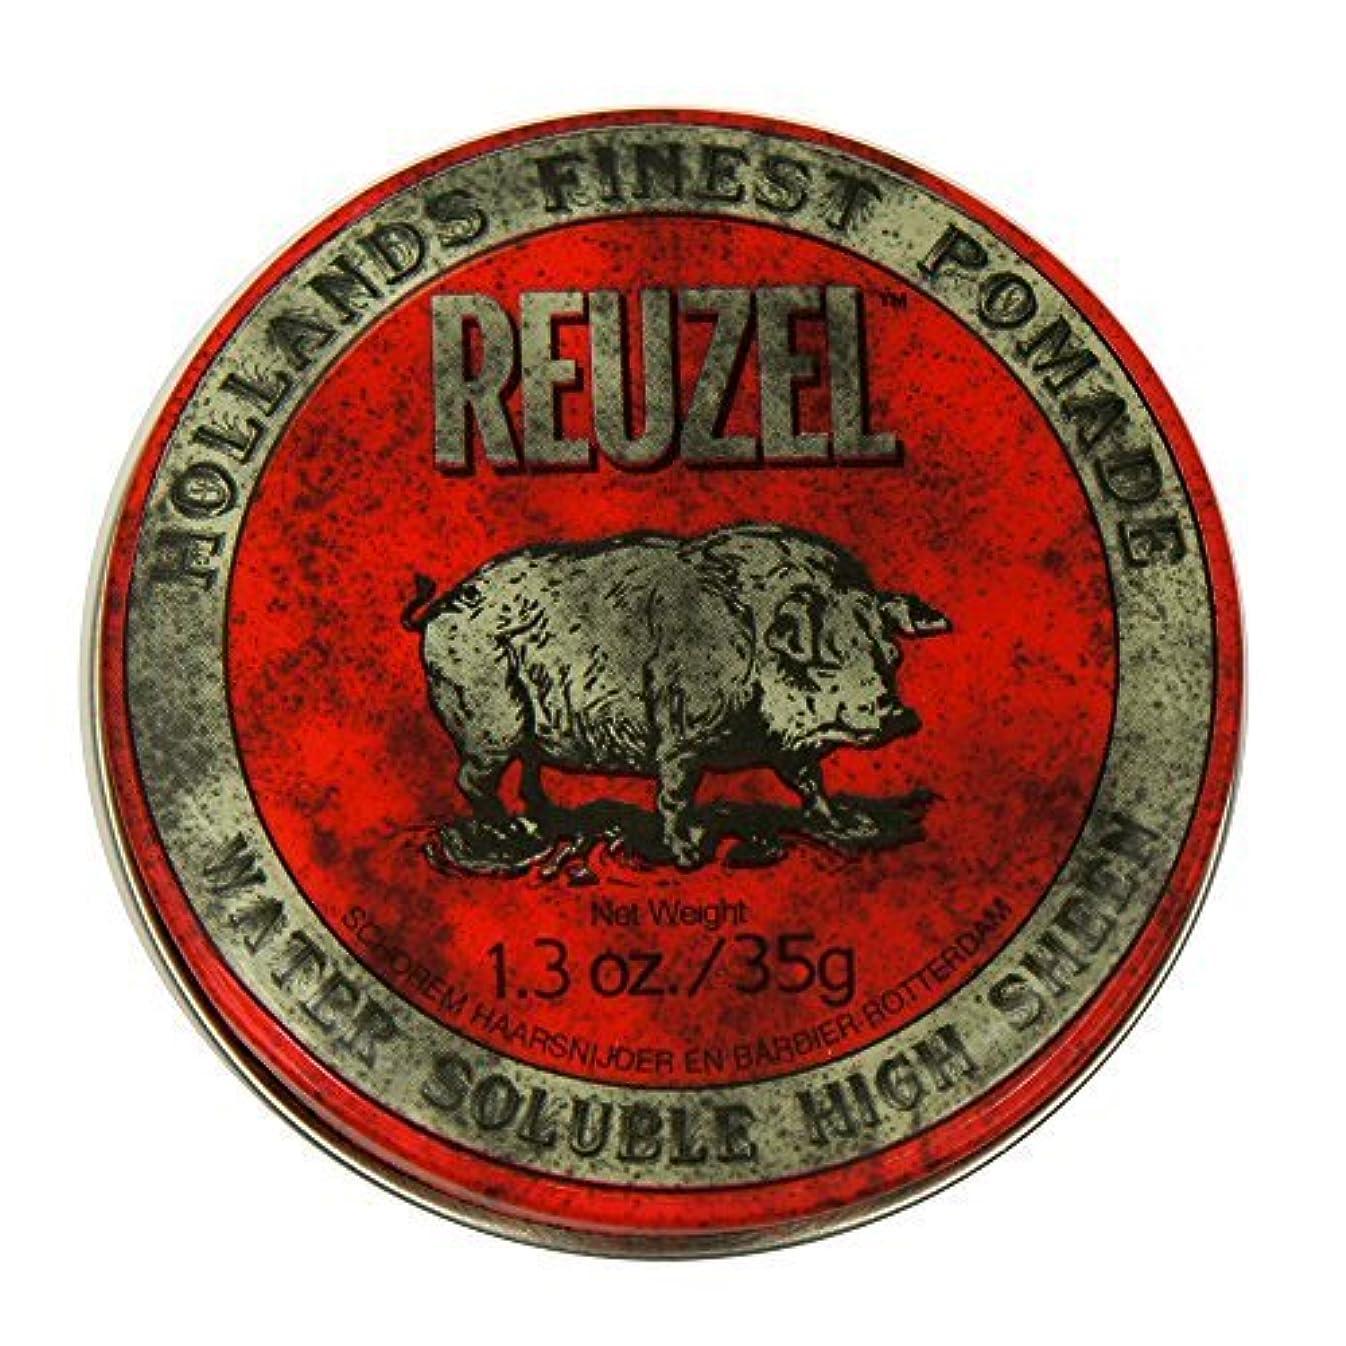 再編成するチョップ枯渇Reuzel Red Hair Pomade Piglet 1.3oz [並行輸入品]